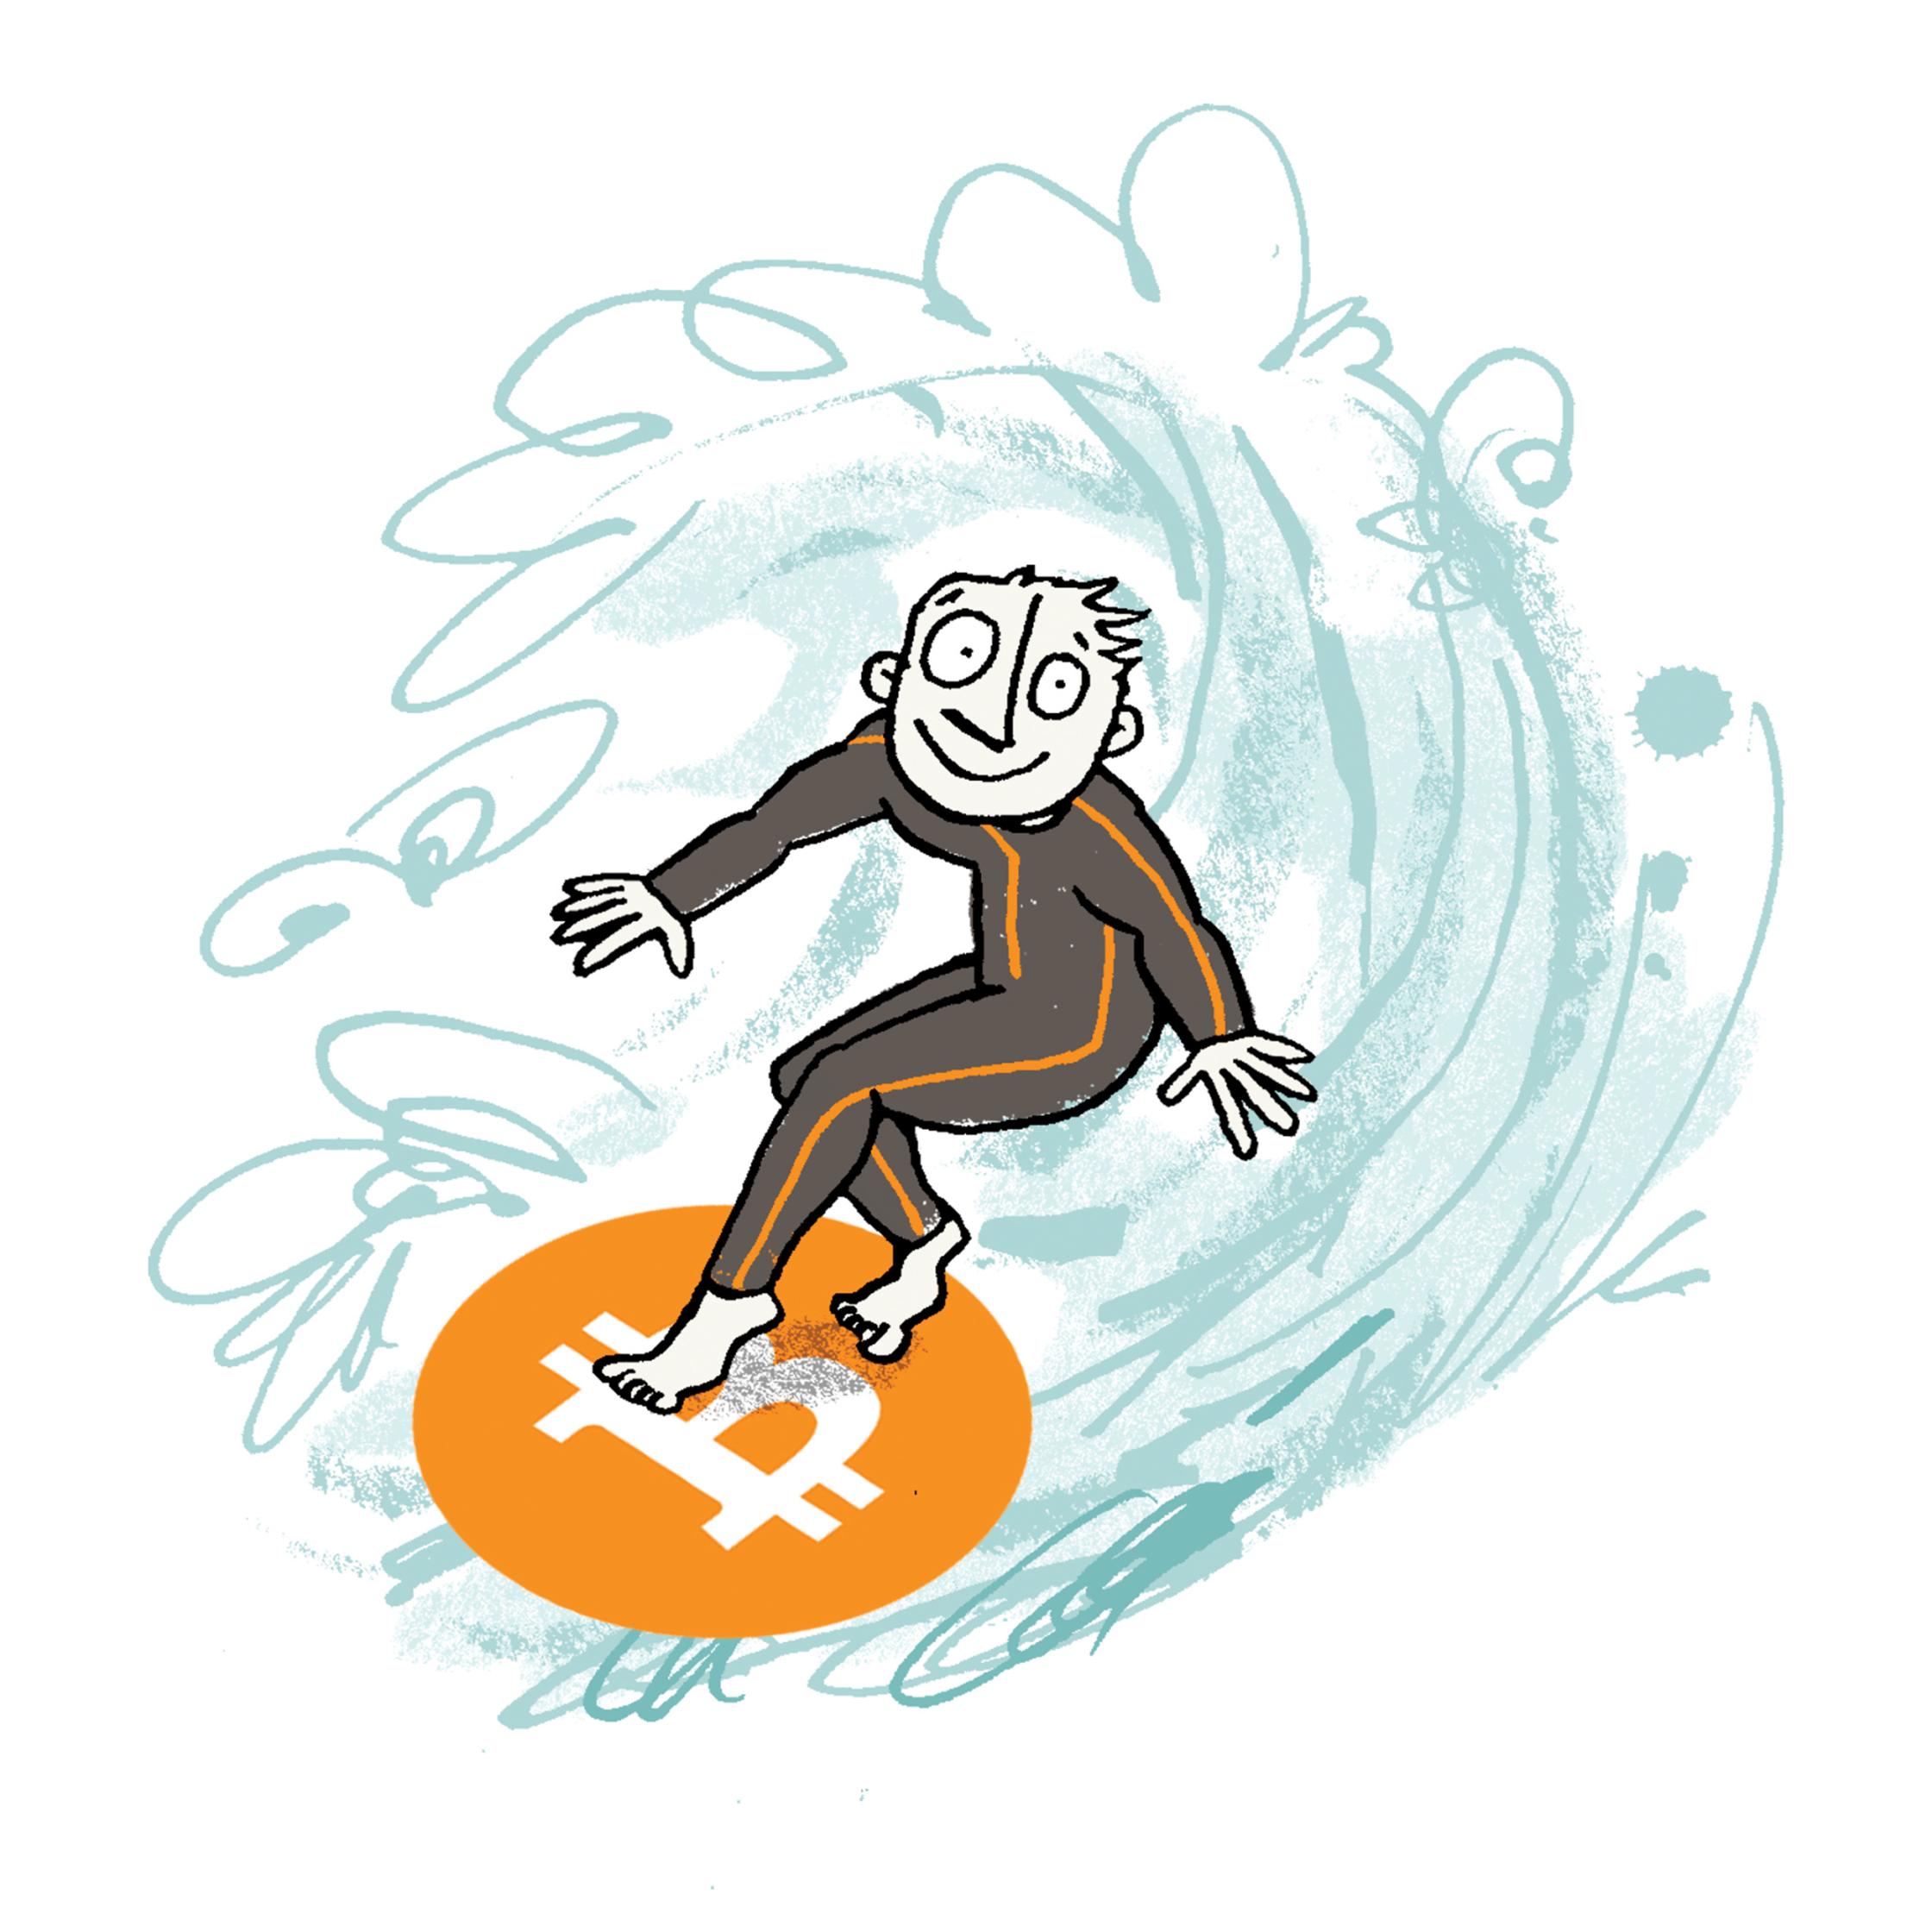 Streich-1843-Economist-Bitcoin-investing.jpg